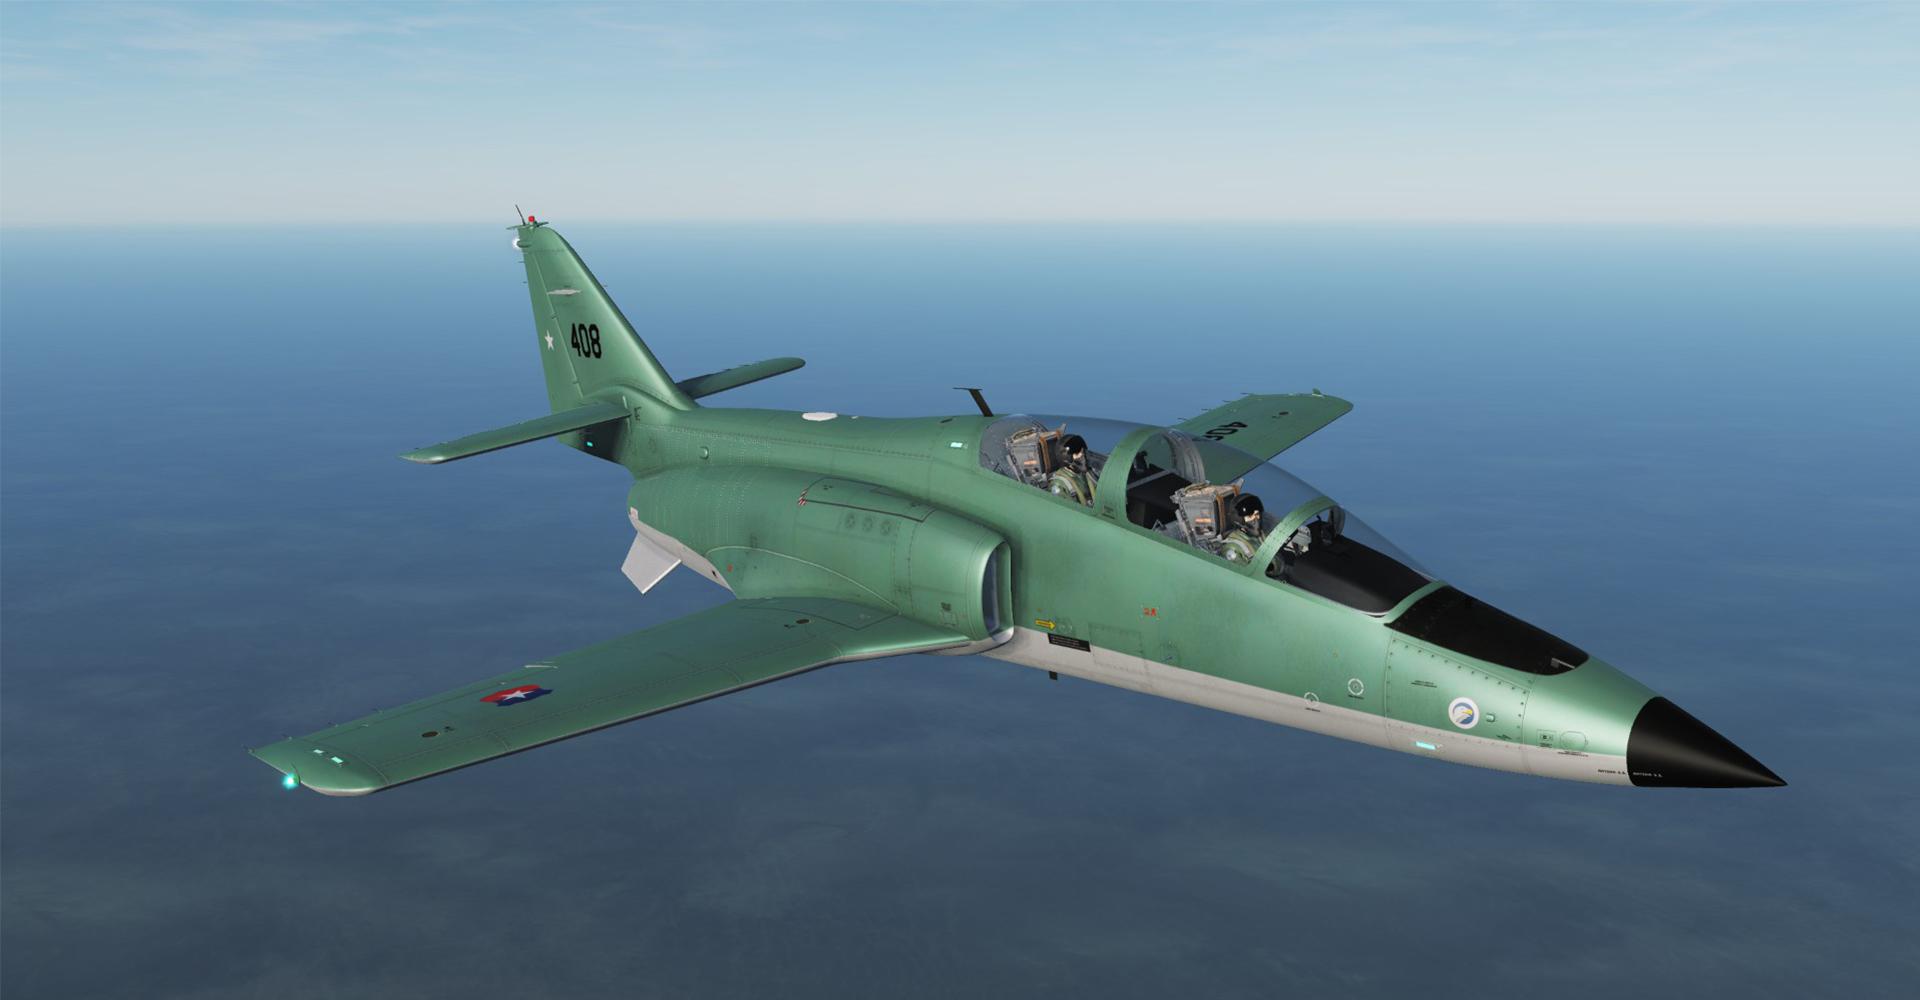 X plane skins